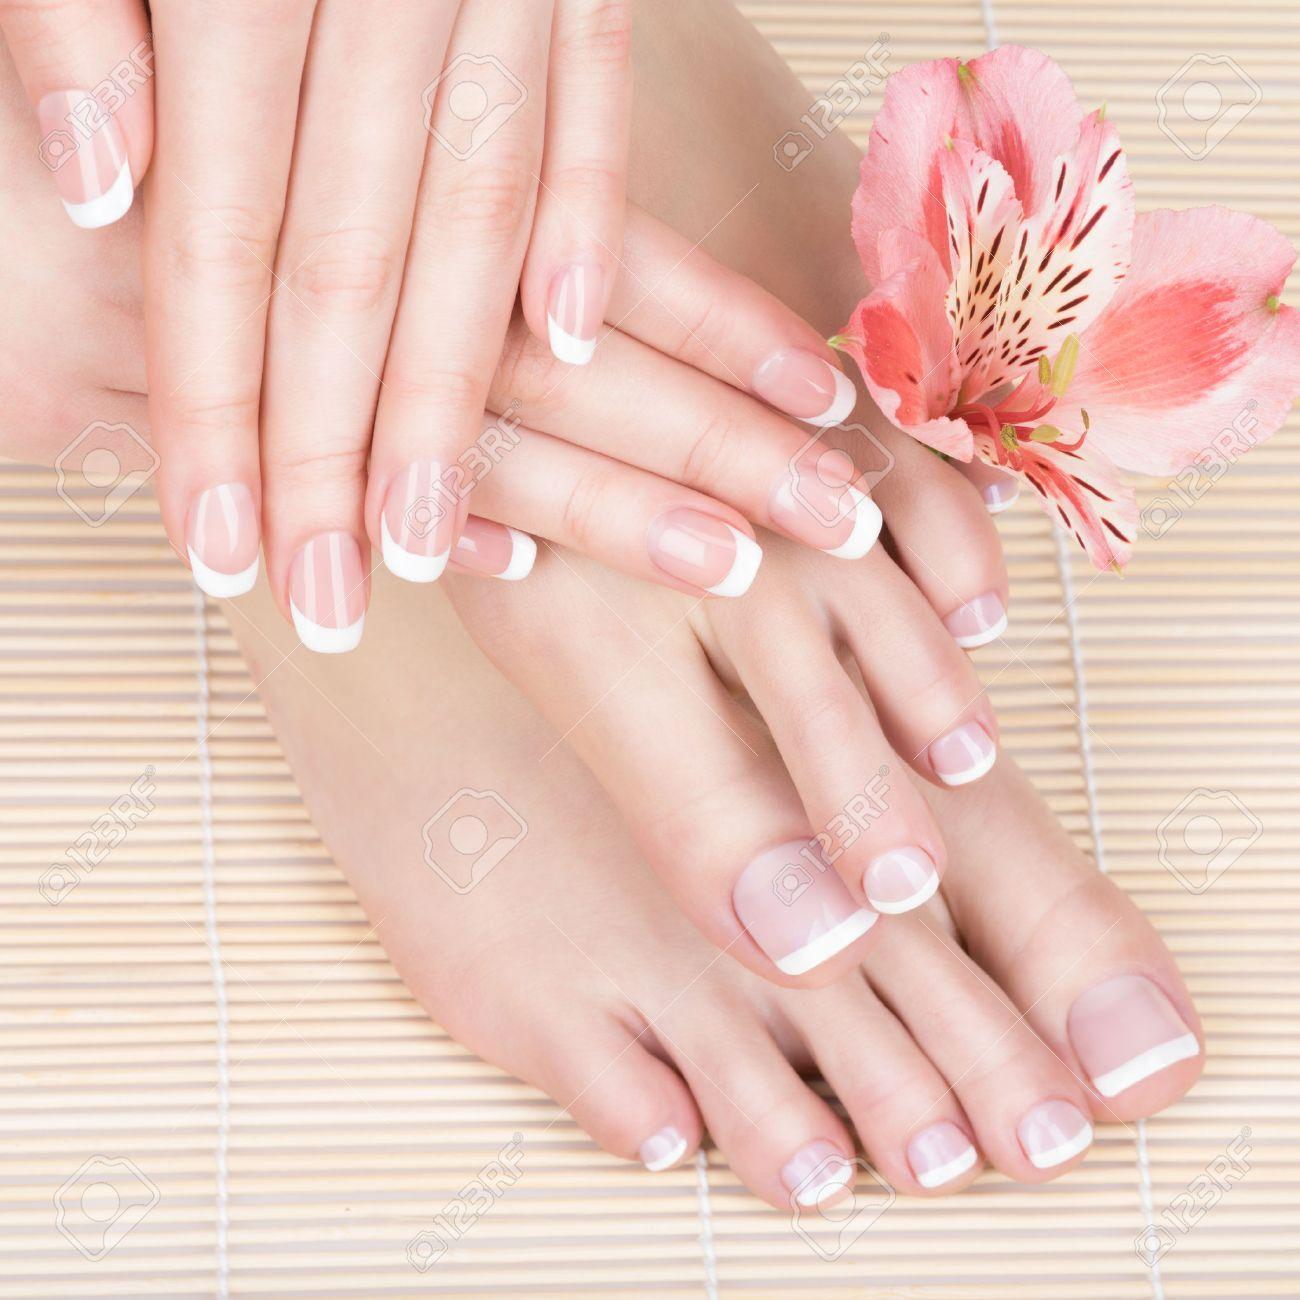 photo Gros plan d'un pied féminin au spa salon sur pédicure et procédure de manucure - Soft Image de mise au point Banque d'images - 54100873